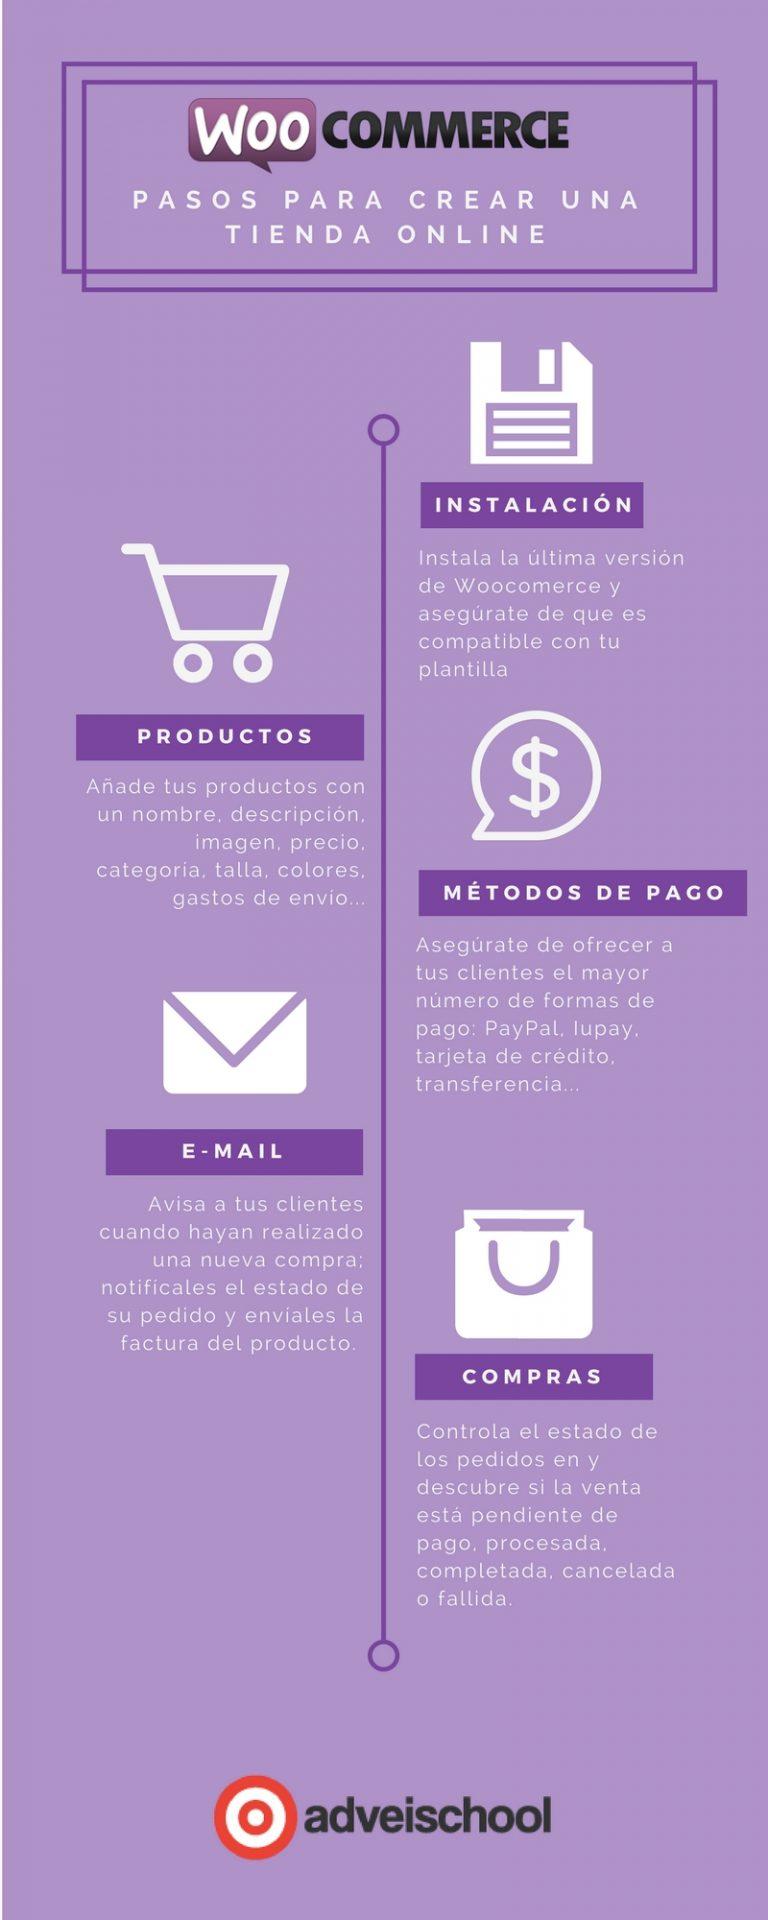 Woocommerce: cómo crear tu tienda online